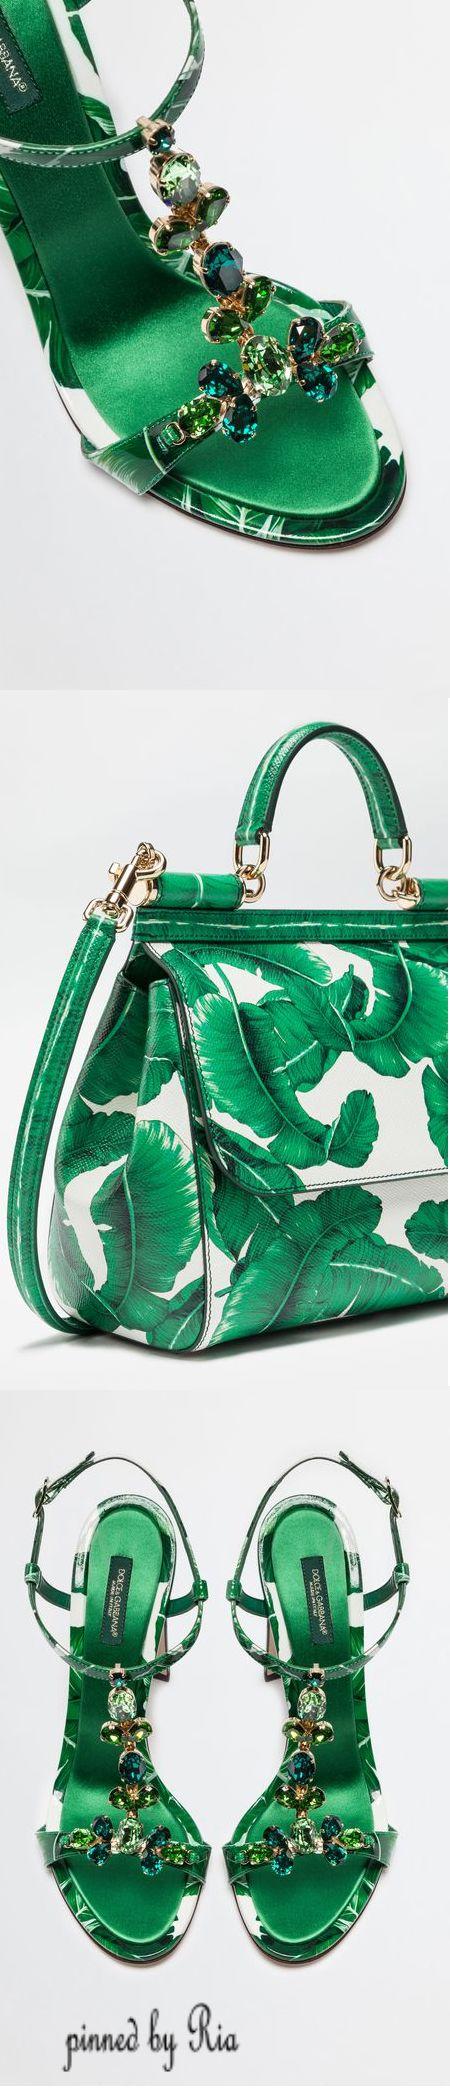 Dolce & Gabbana Taschen hauchen einem Klassiker der